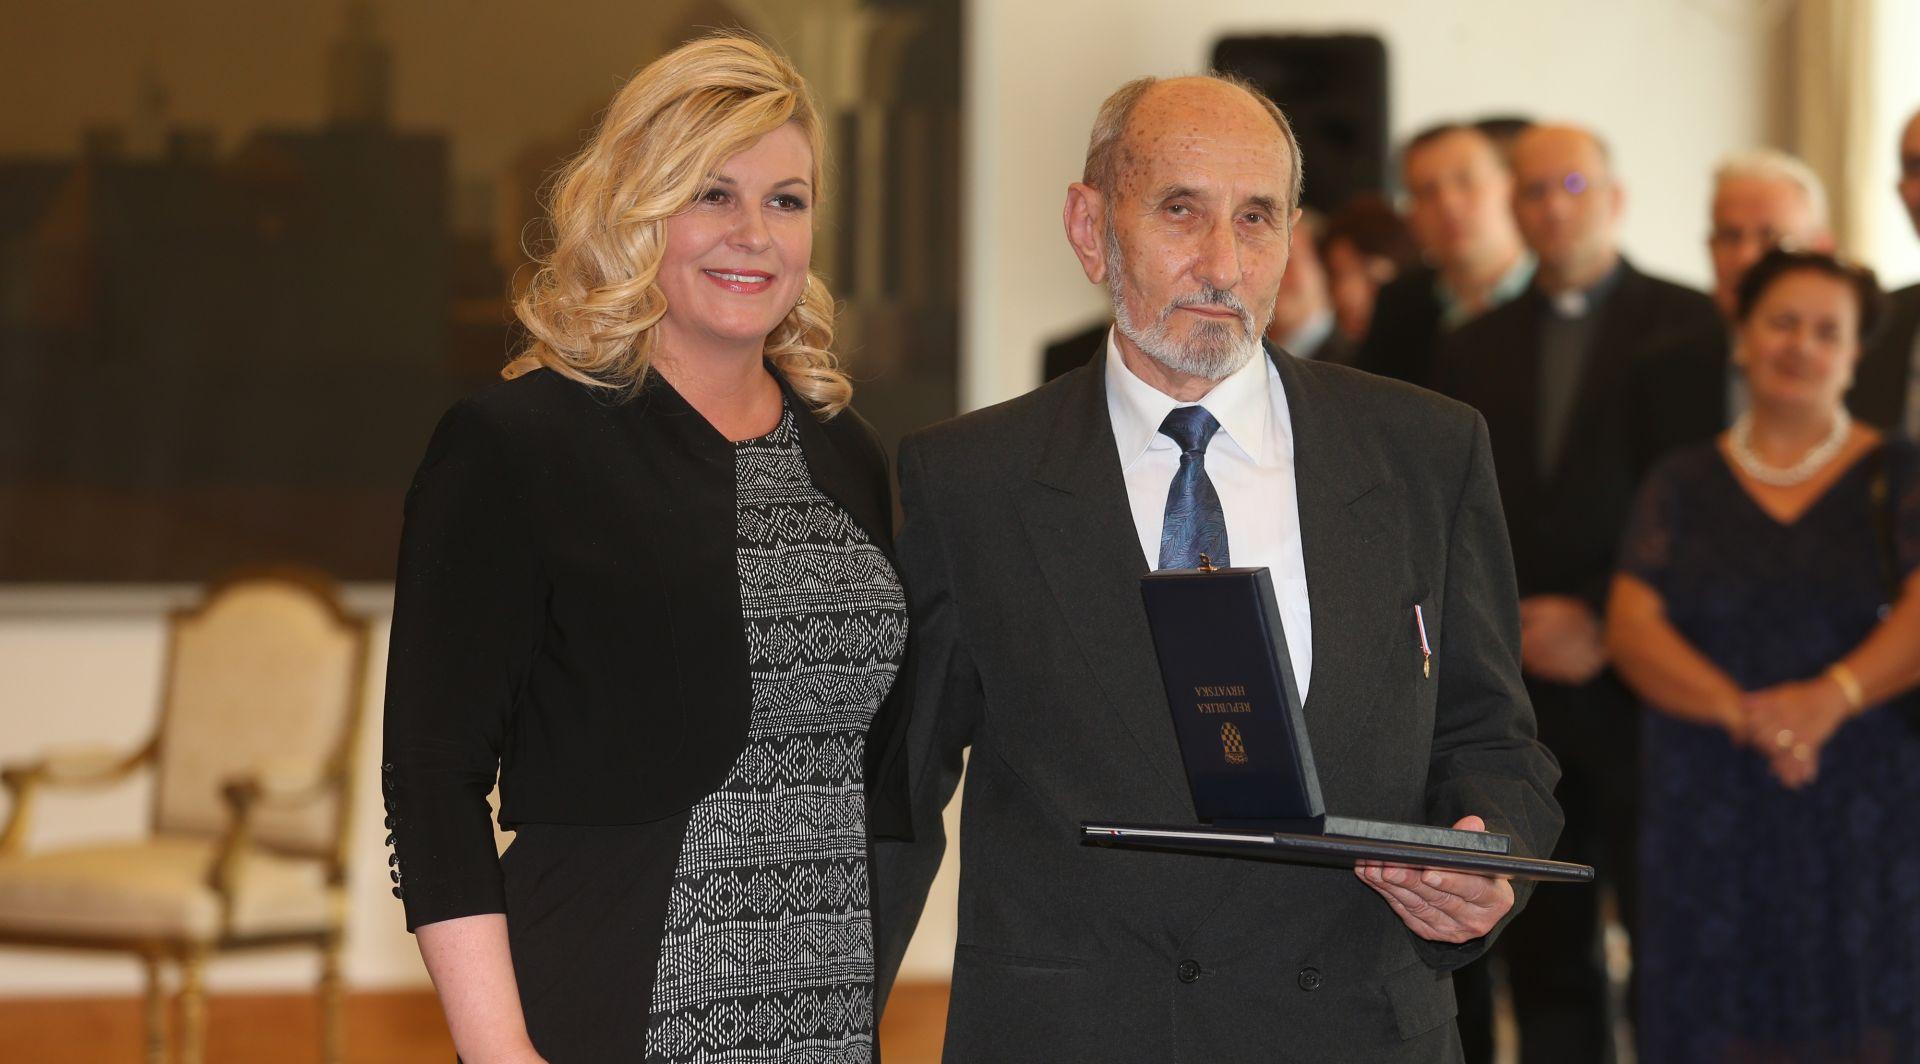 Predsjednica Kolinda Grabar Kitarović uručila odličje Nikoli Štedulu